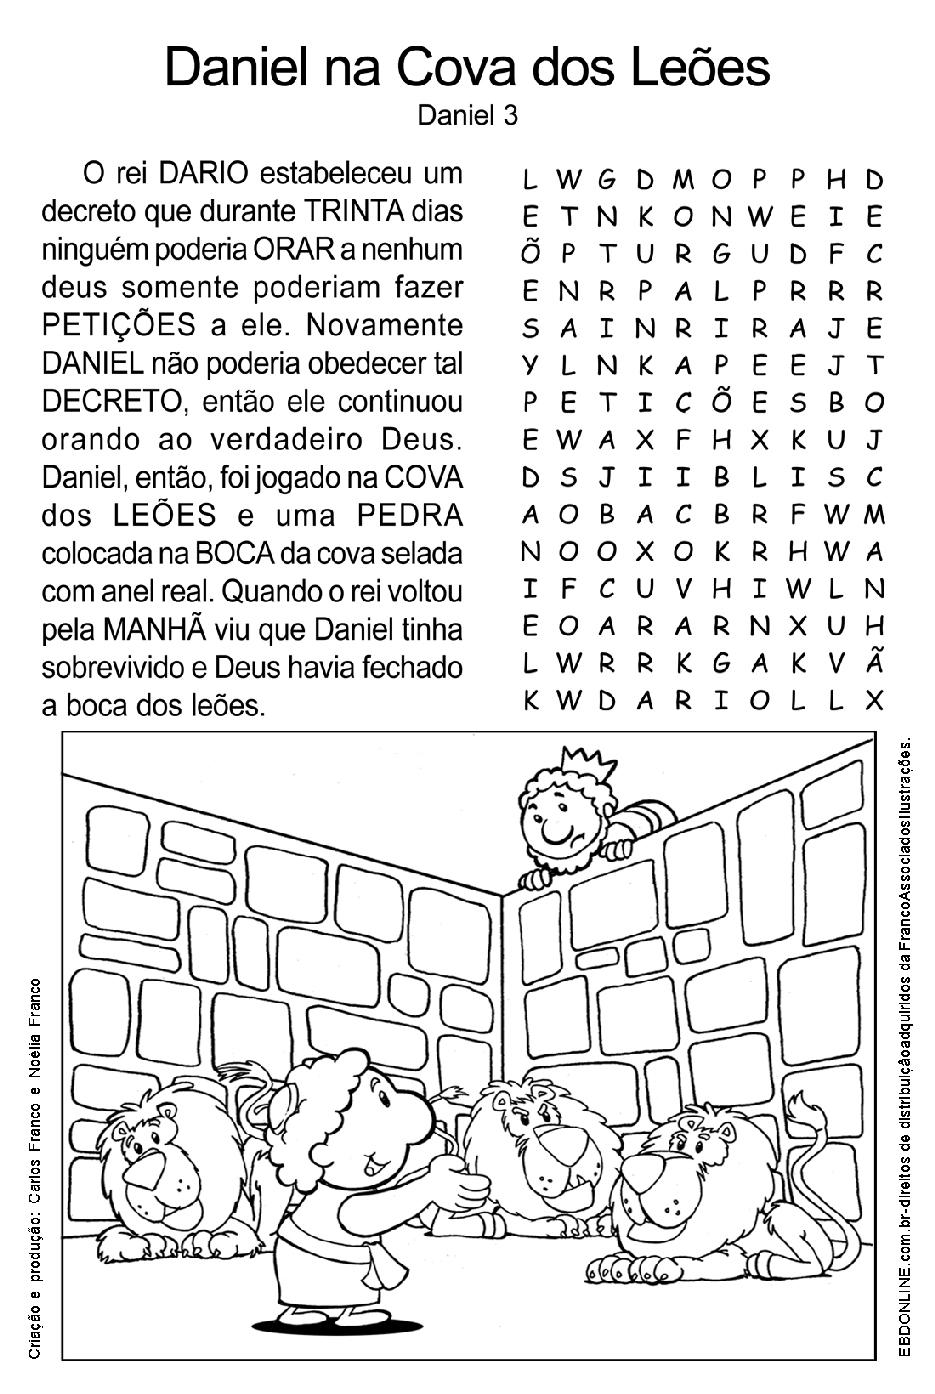 Amado Histórias Biblícas: ATIVIDADES BIBLICAS - DANIEL XG59